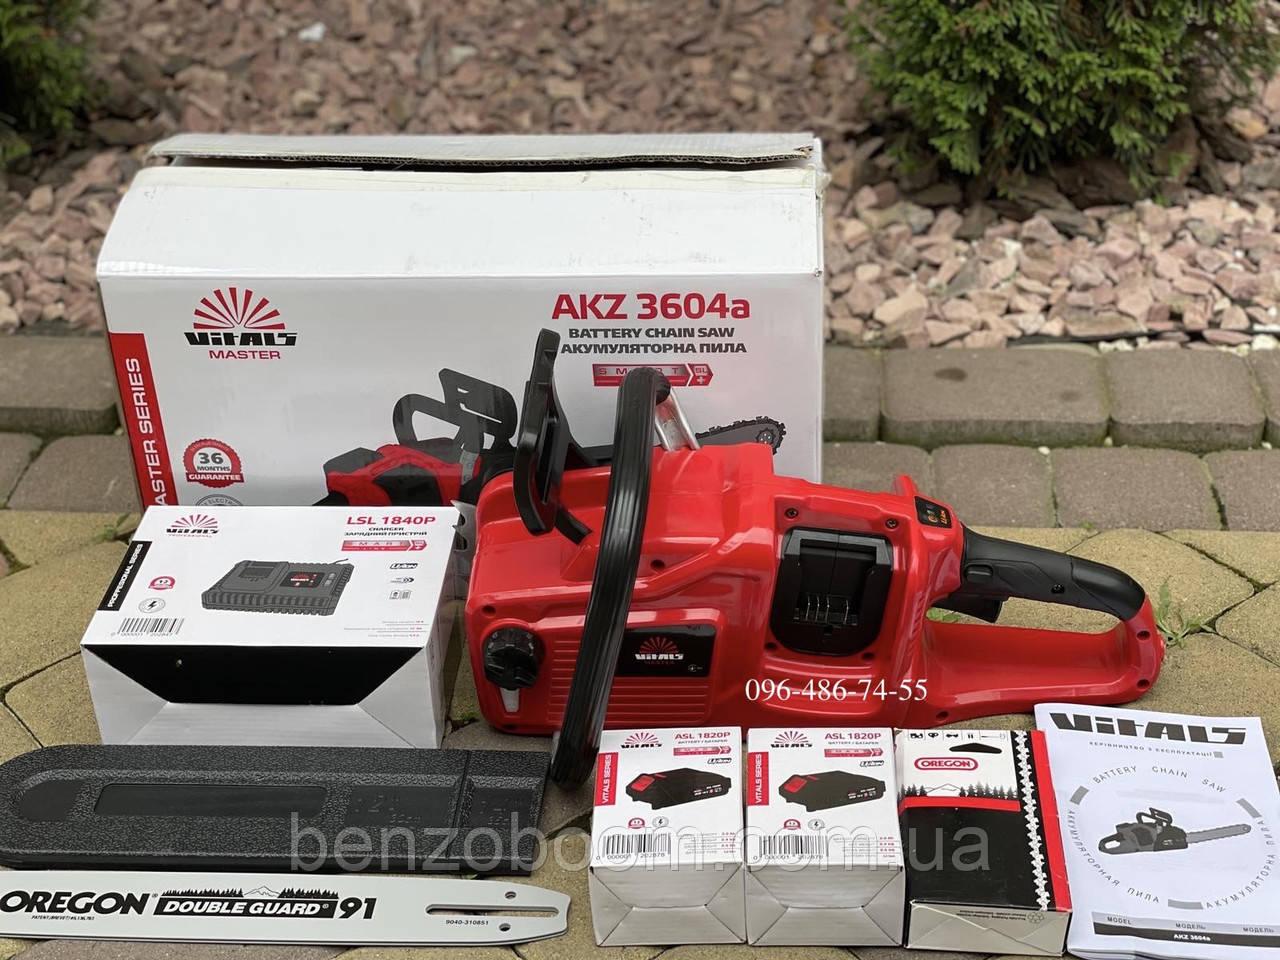 Пила акумуляторна Vitals AKZ3604a зарядний і 2 акб в комплекті